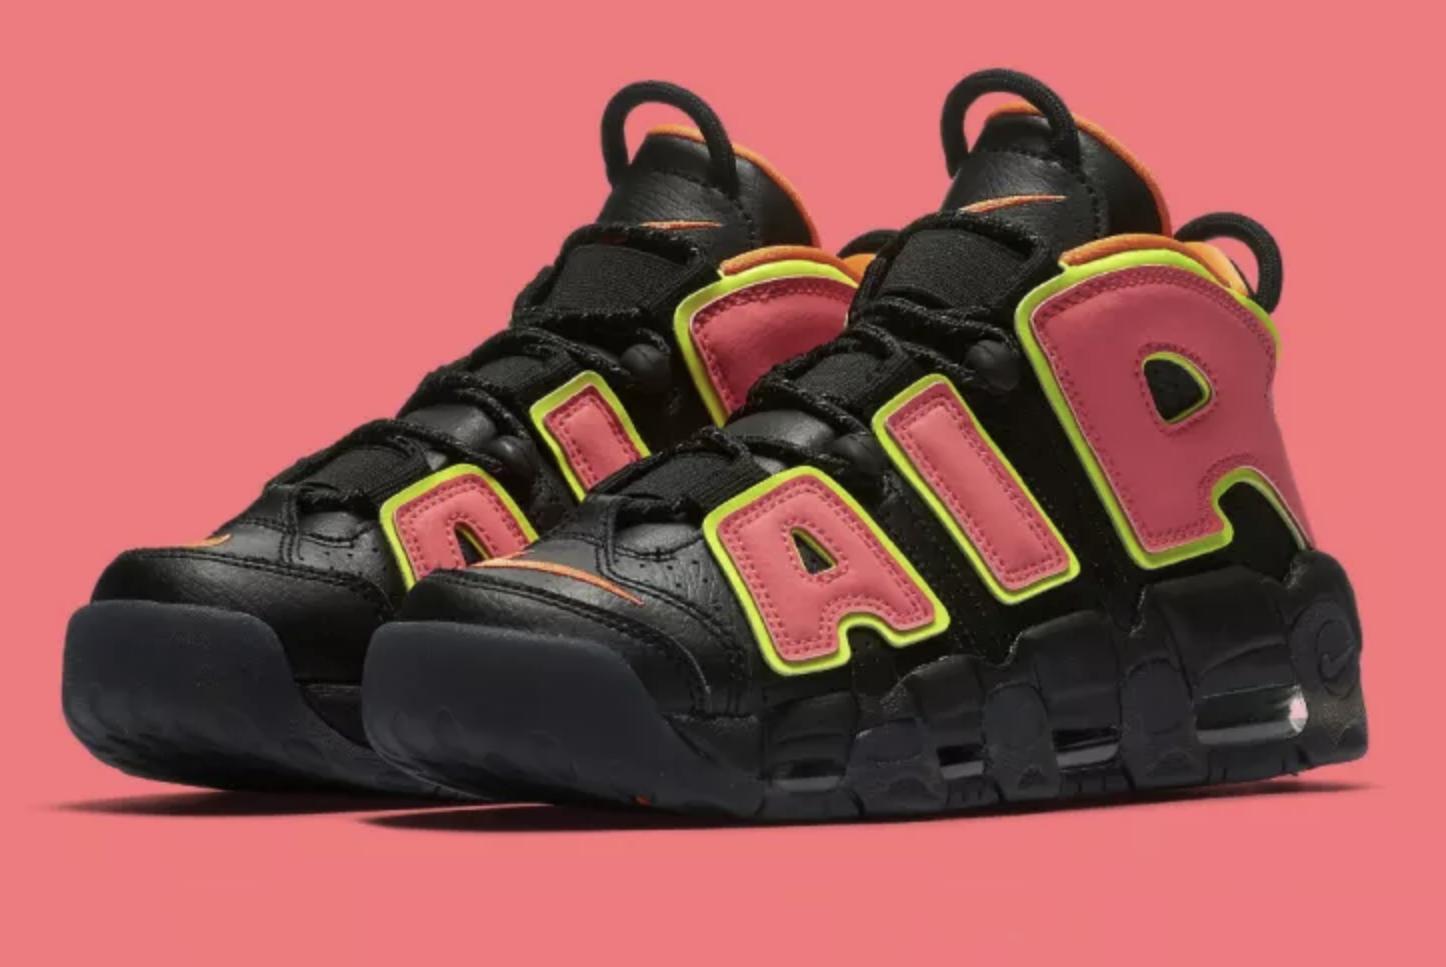 Nike Hot Punch Uptempo Sneaker Freaker